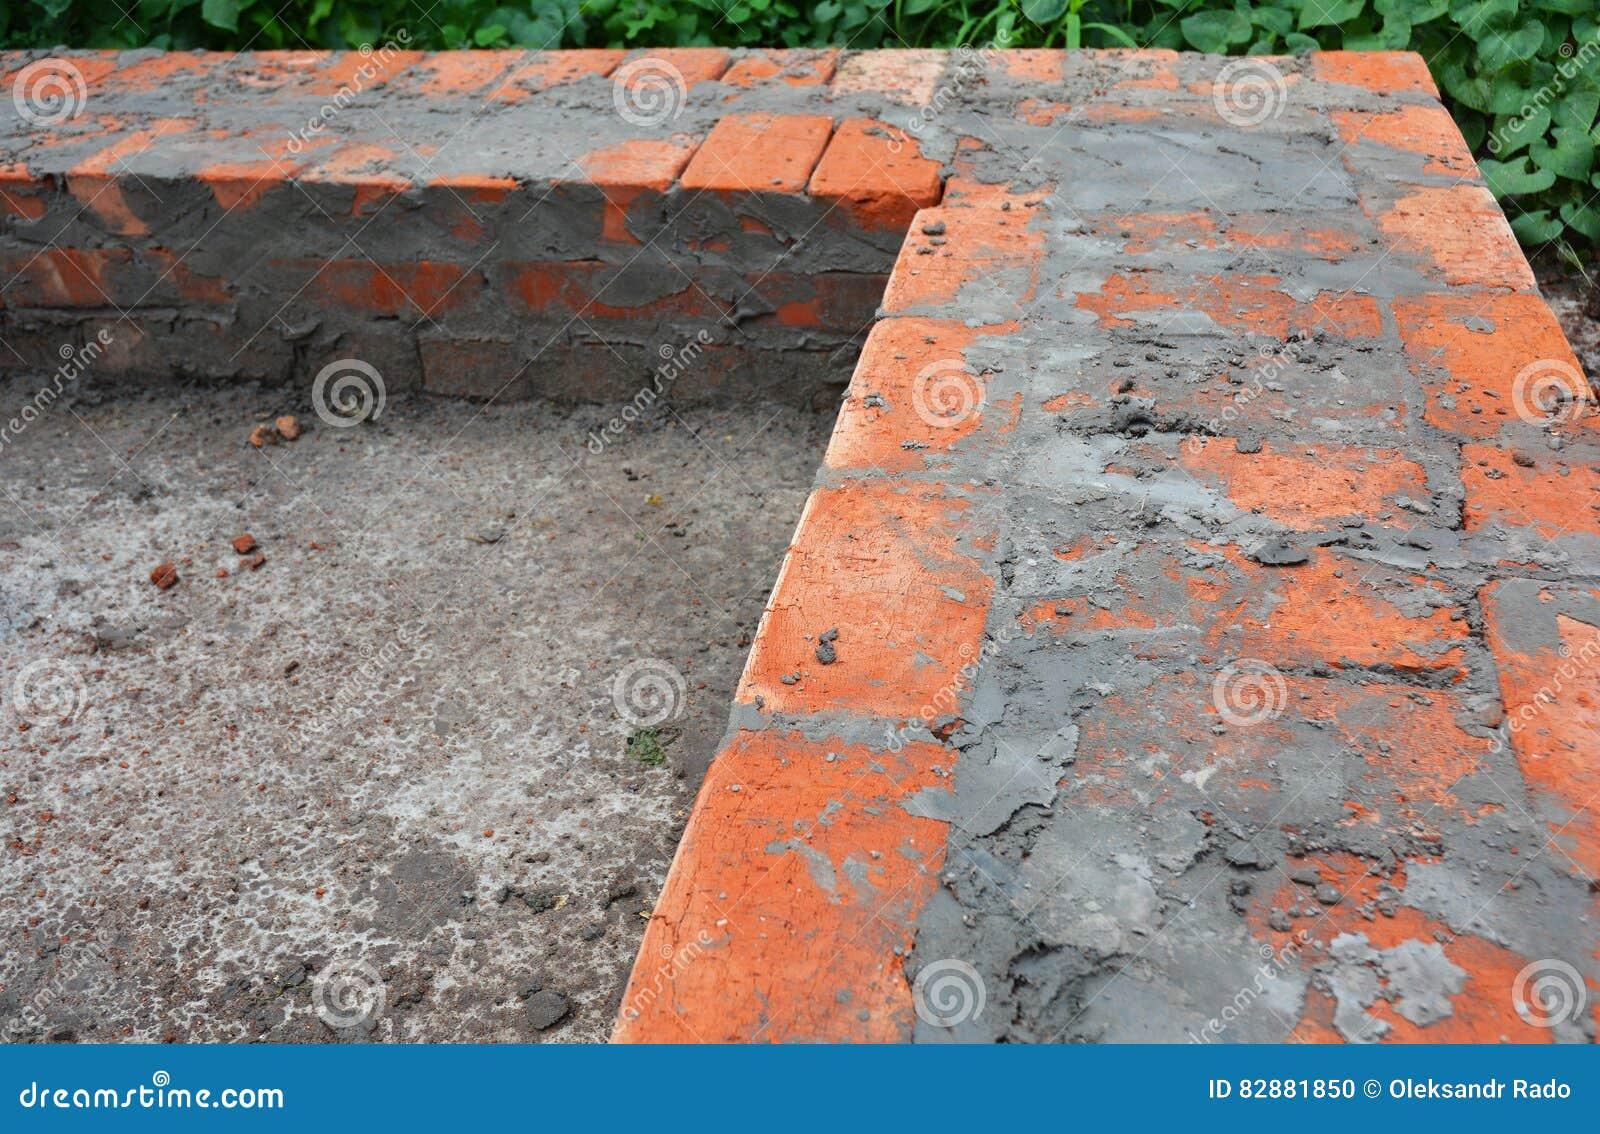 Costruzione del fondamento della casa con mattoni a vista for Costo di costruzione casa di mattoni